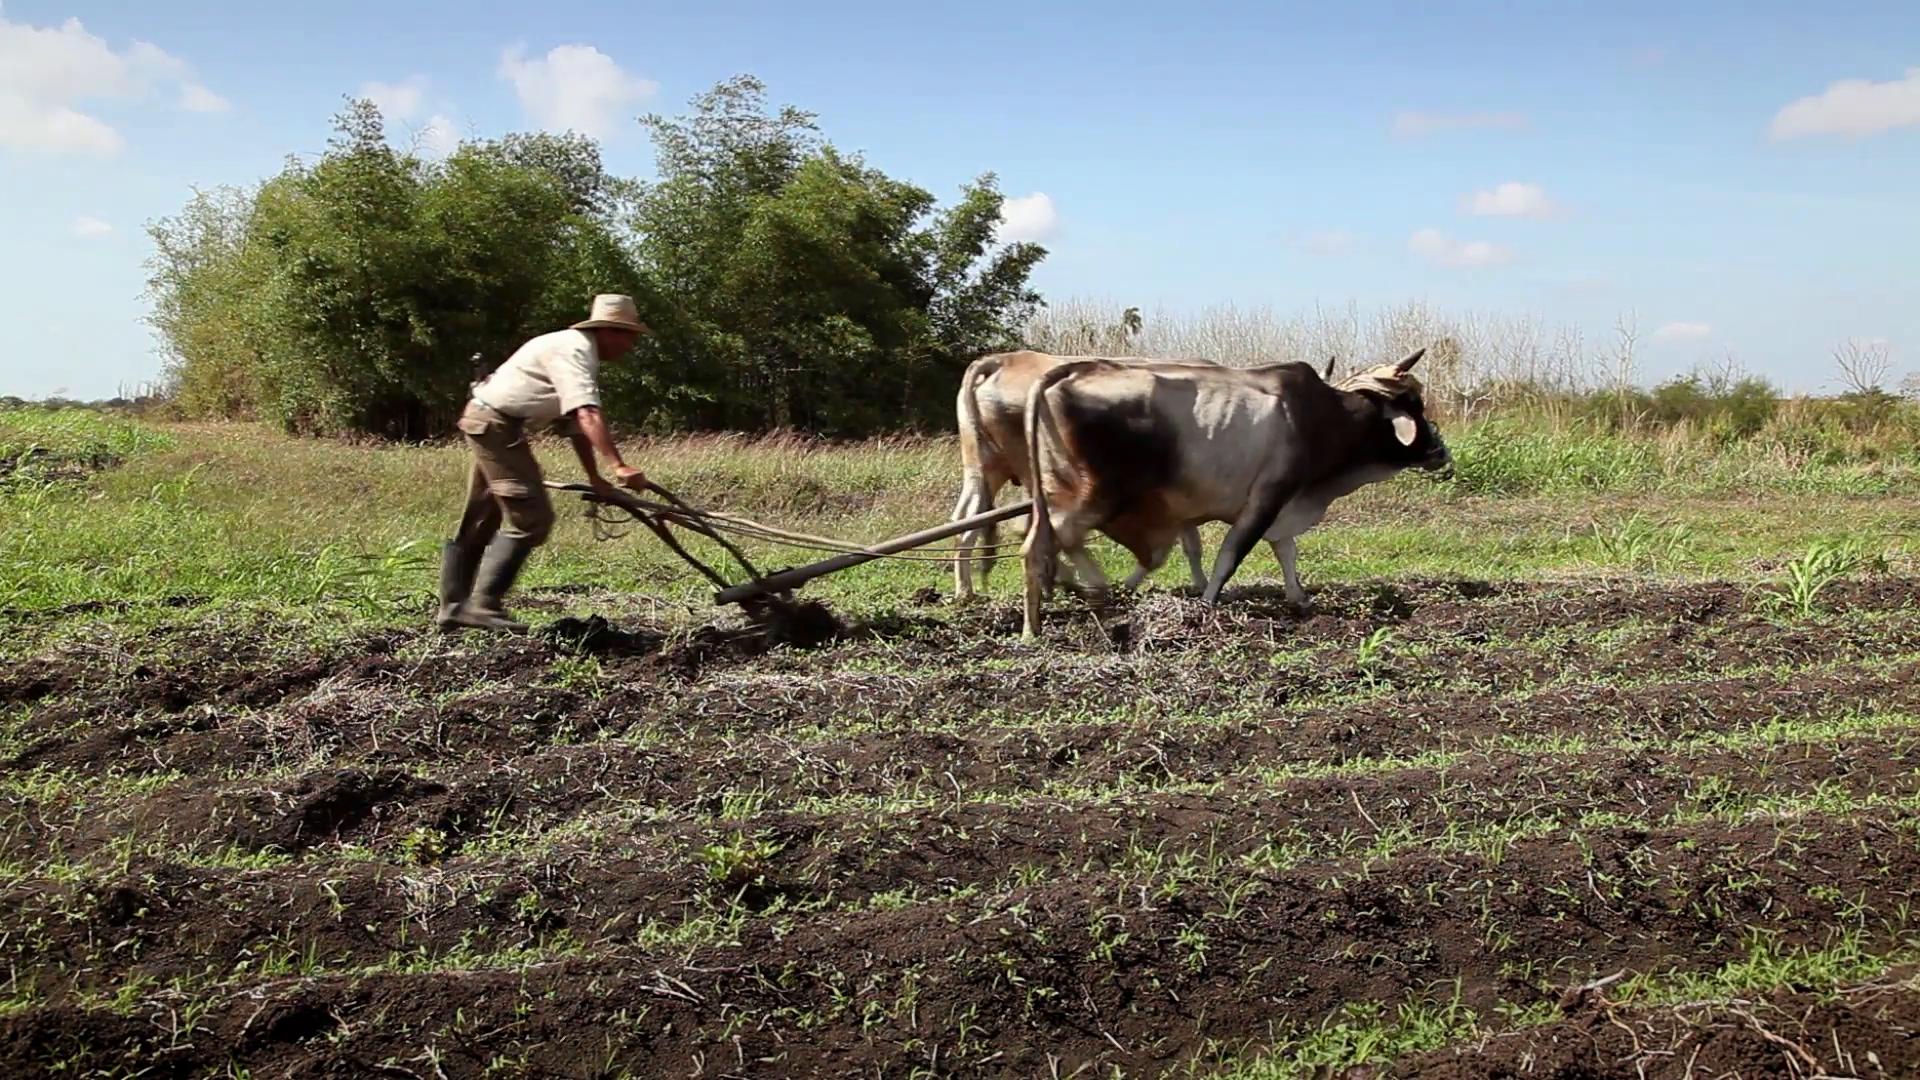 上图:一位农夫扶犁而耕,为播种做好准备。从主前3500年开始,美索不达米亚和埃及的农民就开始用犁耕地,把深层的土壤翻到土地的表面,可以使土壤松动,盖住杂草及以前的作物,使土中的有机物质更快变成腐殖质,也可以减少作物的许多天敌。当犁划过土壤时,产生的有肥沃土壤的长沟被称为「犁沟」。